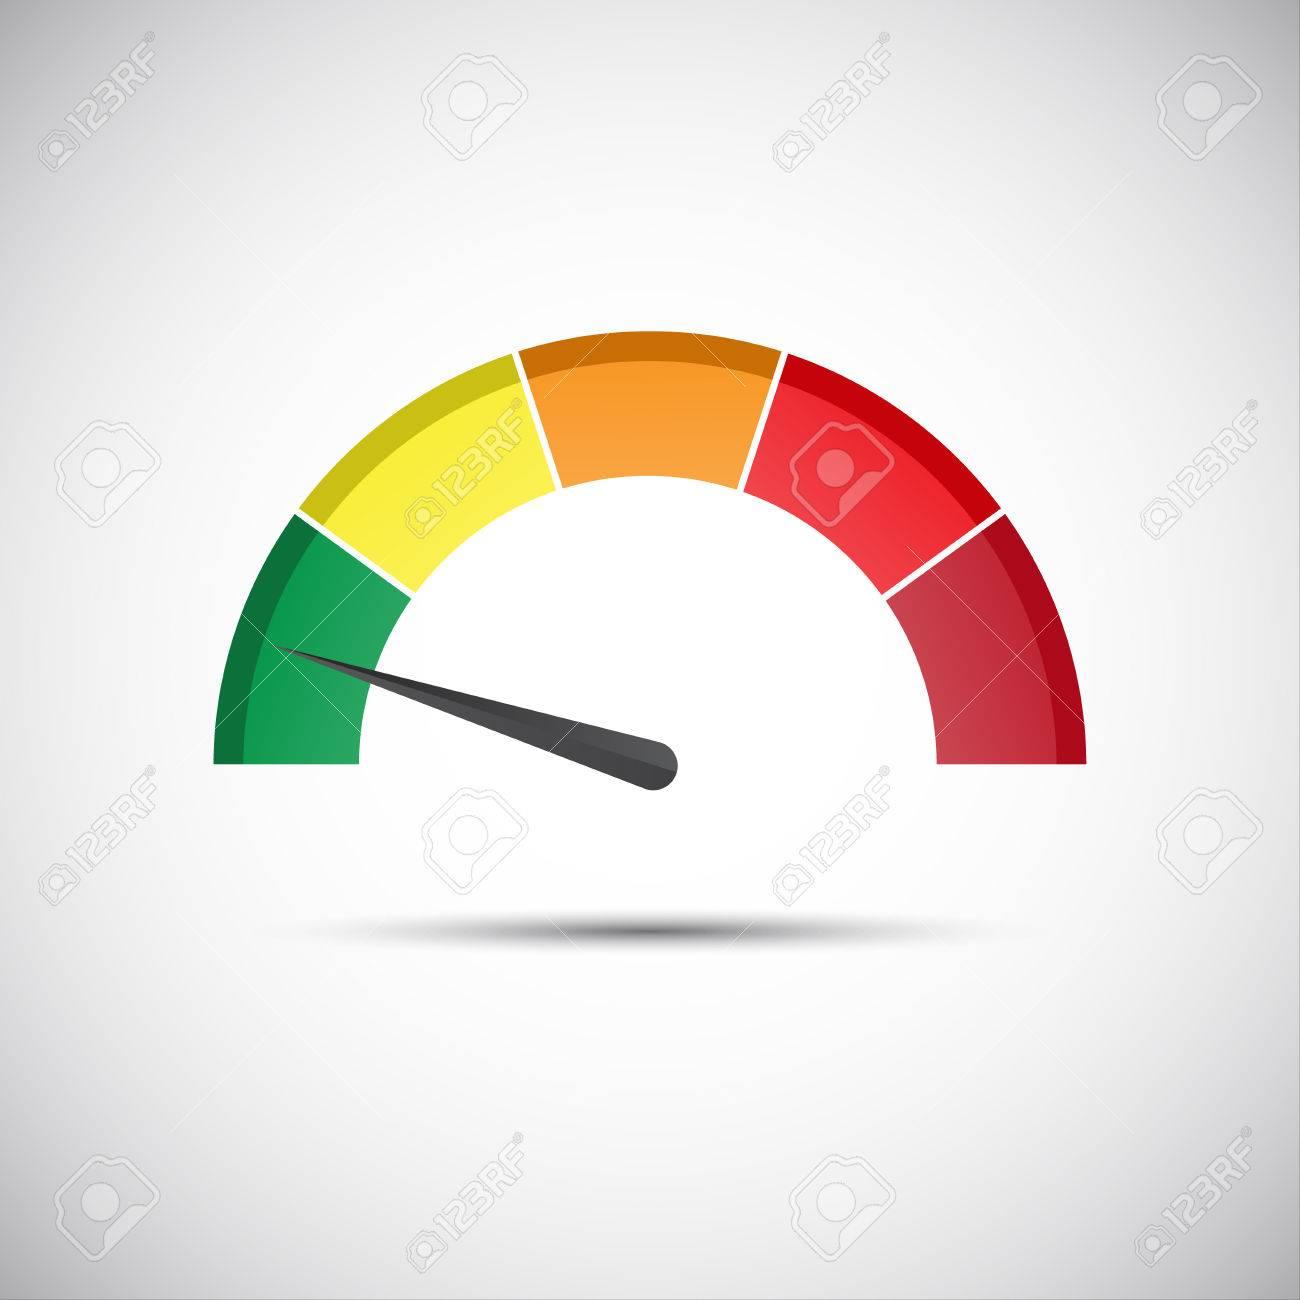 Farbe Tachometer Durchflussmesser Mit Anzeige Im Grünen Bereich